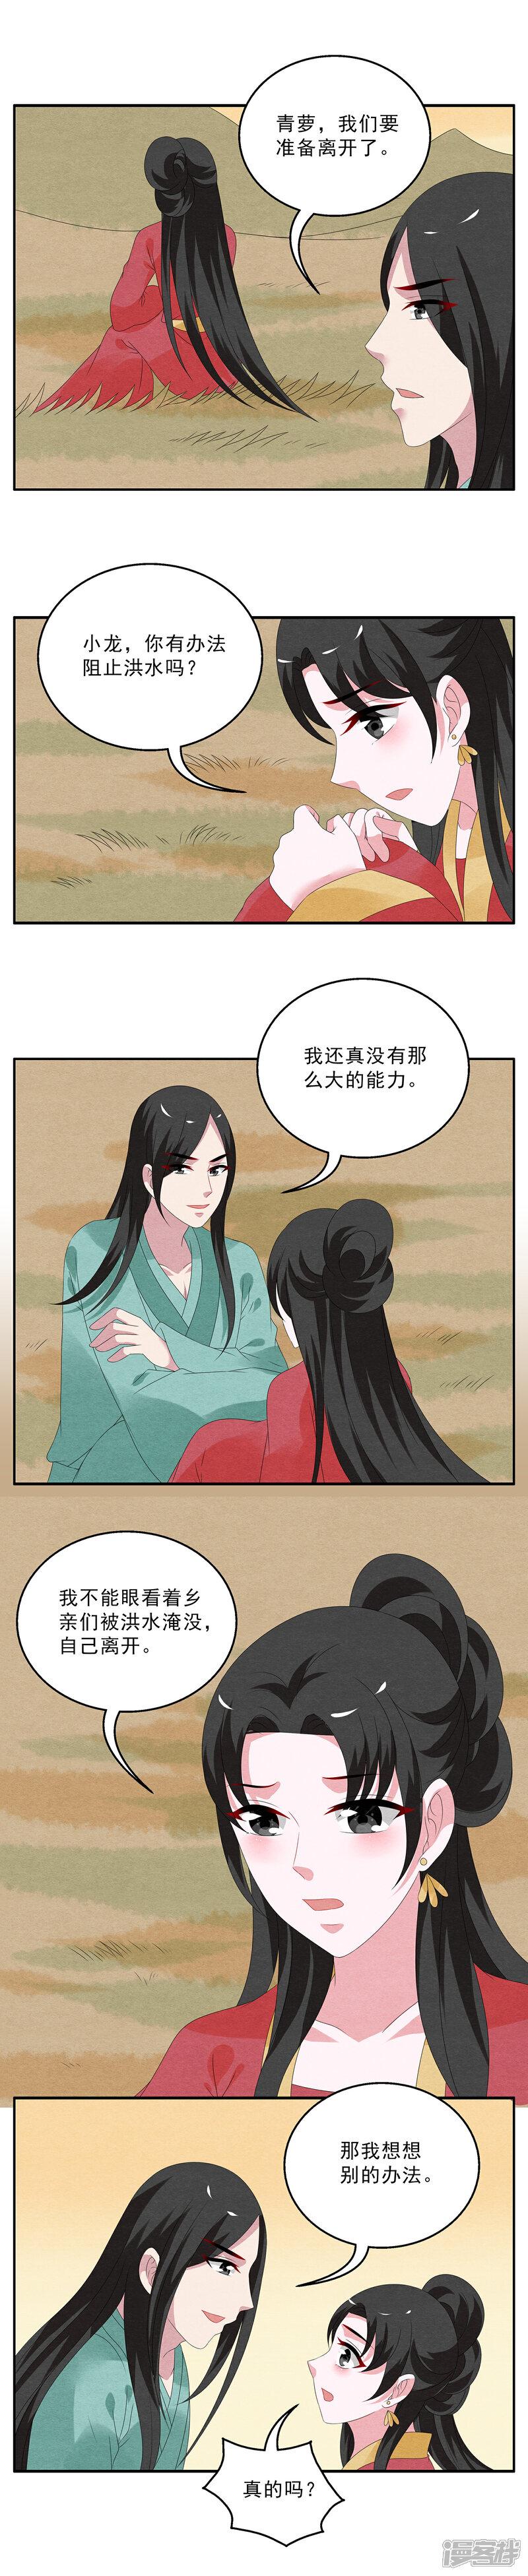 洛小妖115 (4).JPG